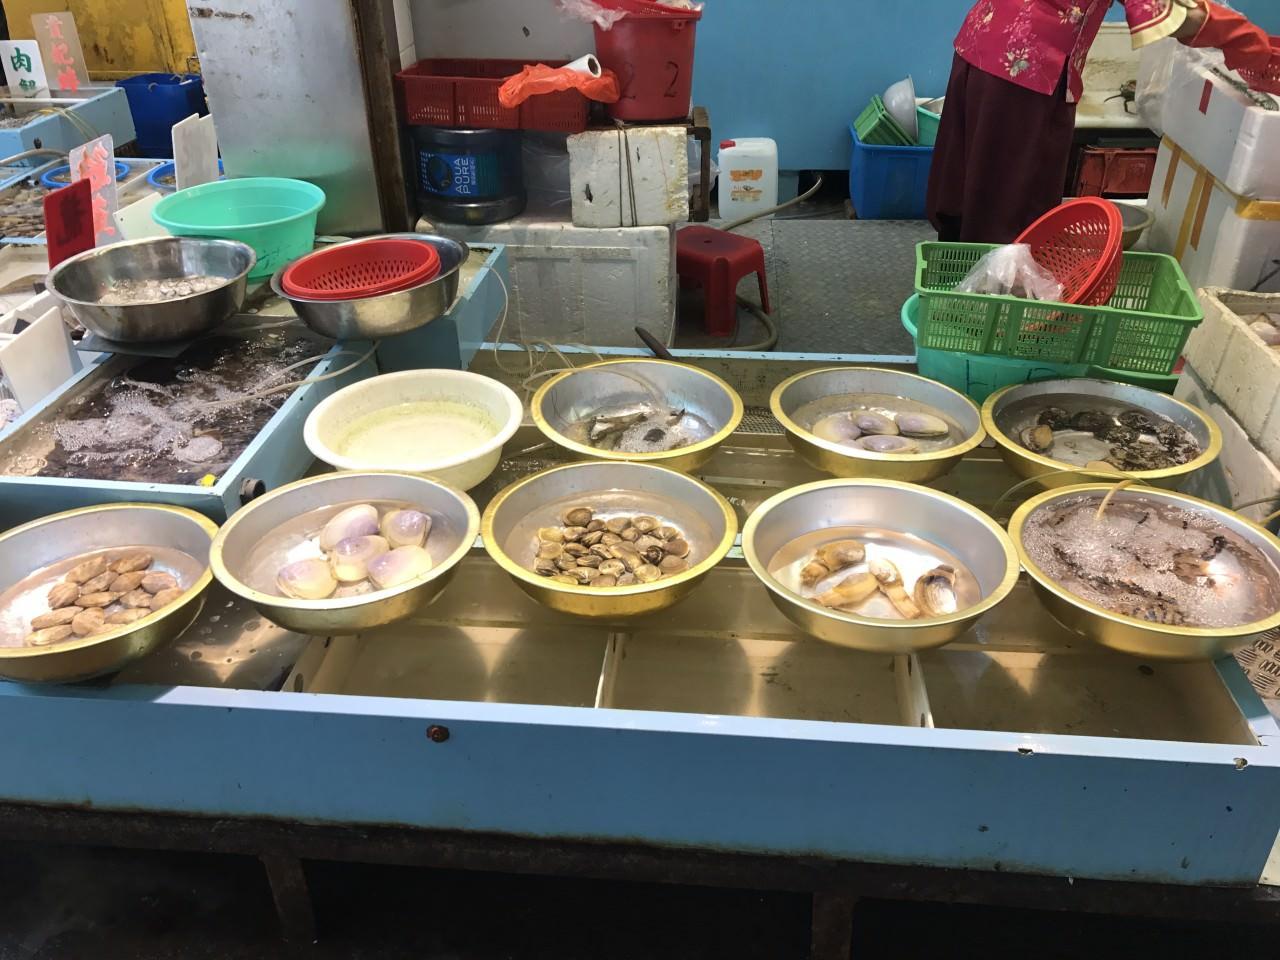 魚販指所出售的海產適合用作放生。(香港01記者攝)